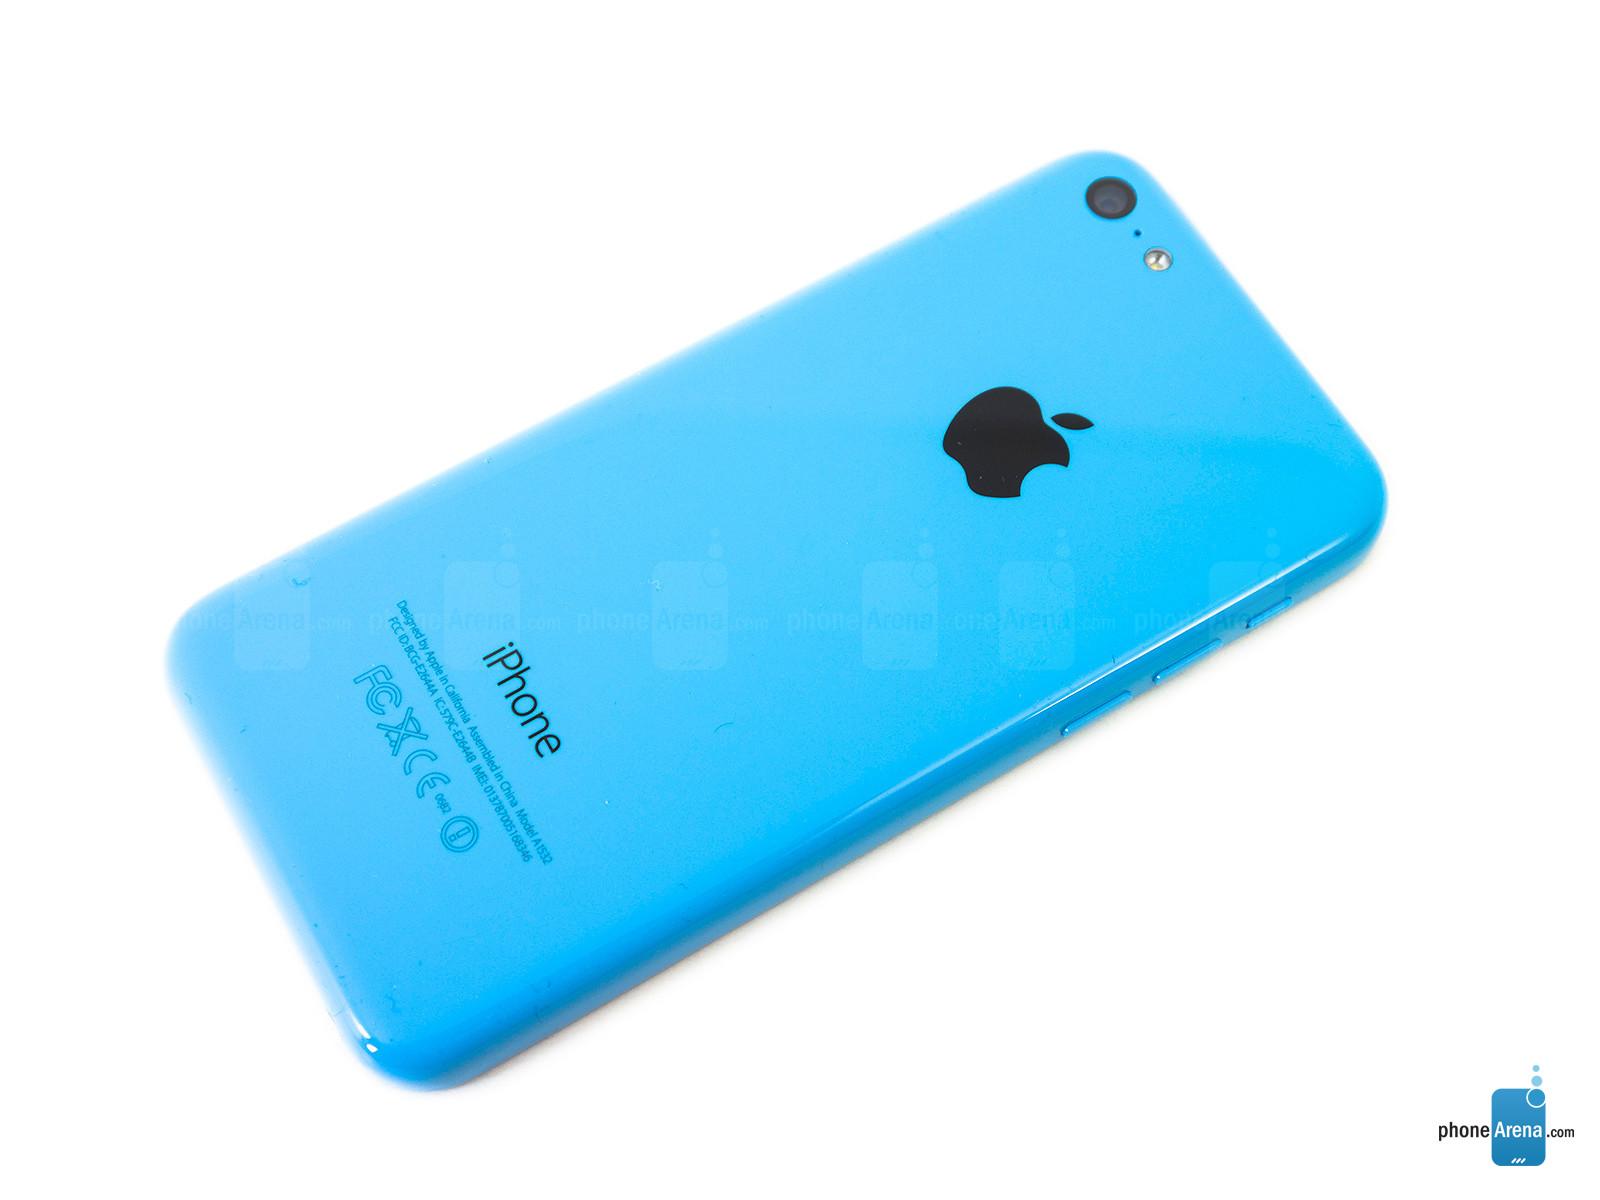 Apple iPhone 5c 13